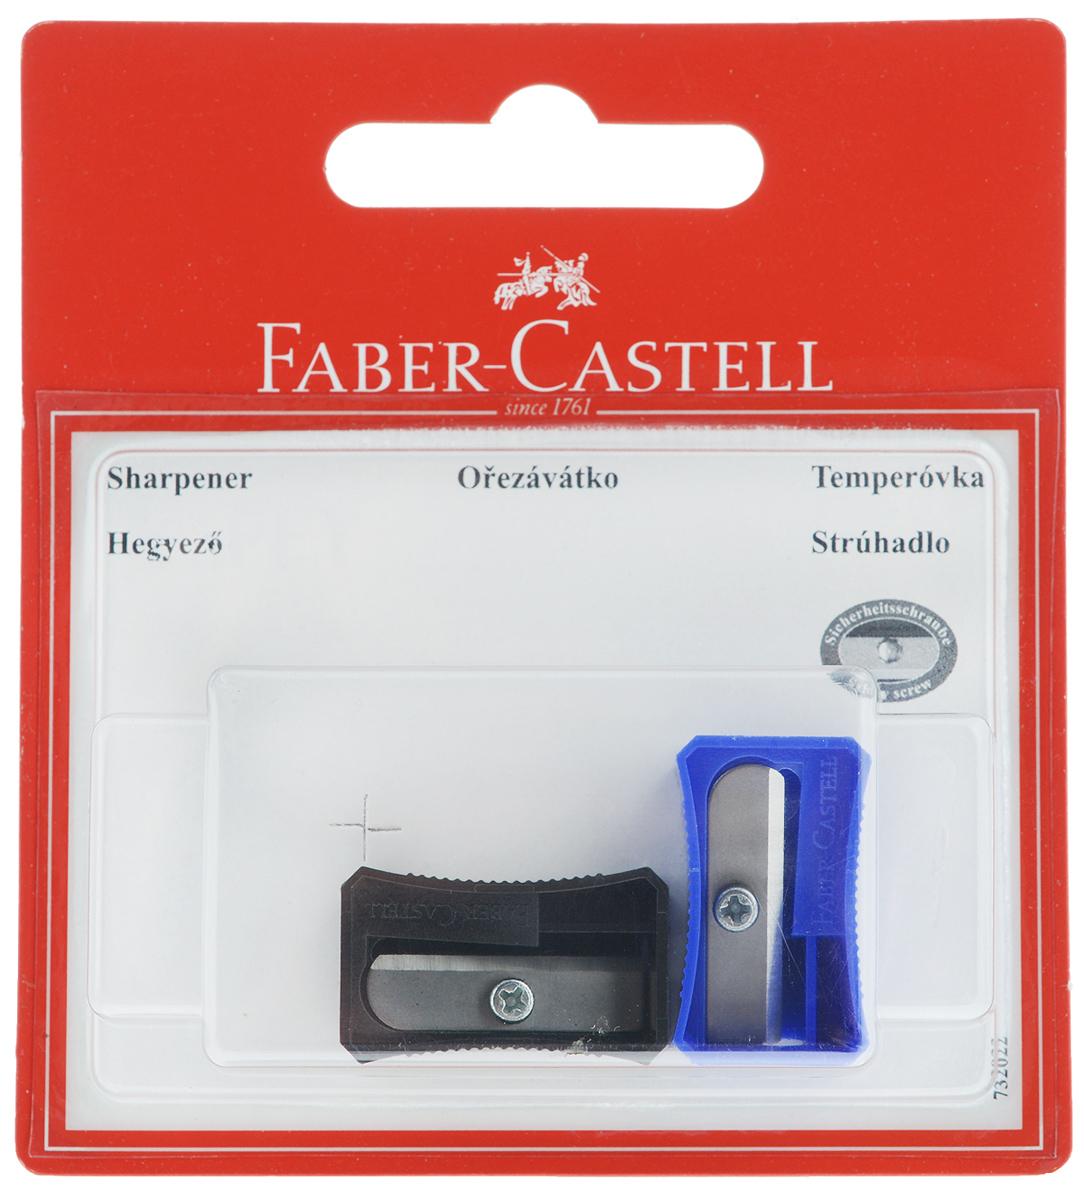 Faber-Castell Точилка цвет синий черный 2 шт263221_черный, синийНабор точилок Faber-Castell предназначен для затачивания классических простых и цветных карандашей. В наборе две точилки из прочного пластика с рифленой областью захвата. Острые стальные лезвия обеспечивают высококачественную и точную заточку деревянных карандашей.